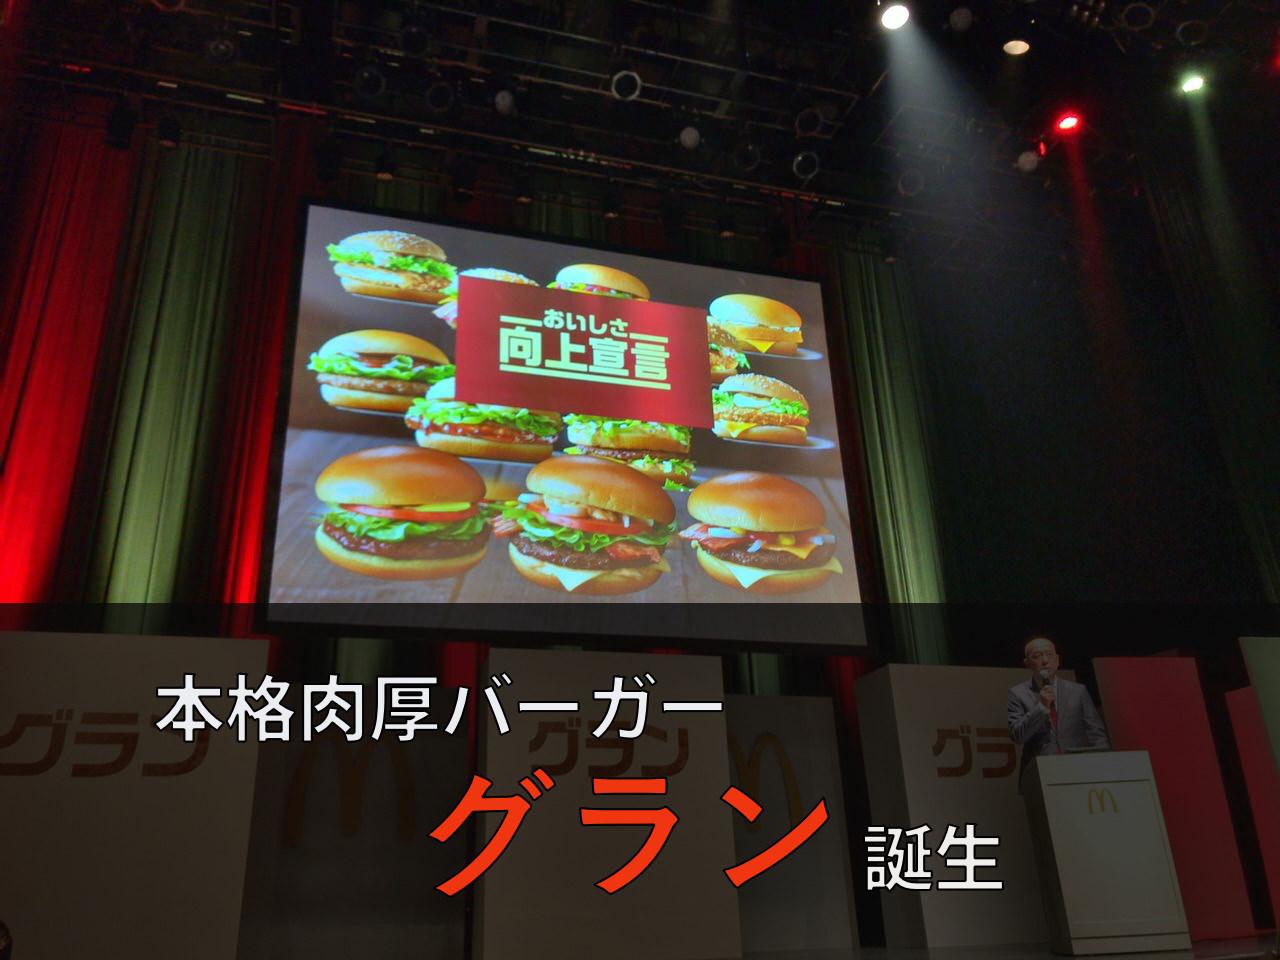 8年ぶりの新レギュラー!マクドナルドから最強の3トップ「グラン」シリーズが登場【PR】